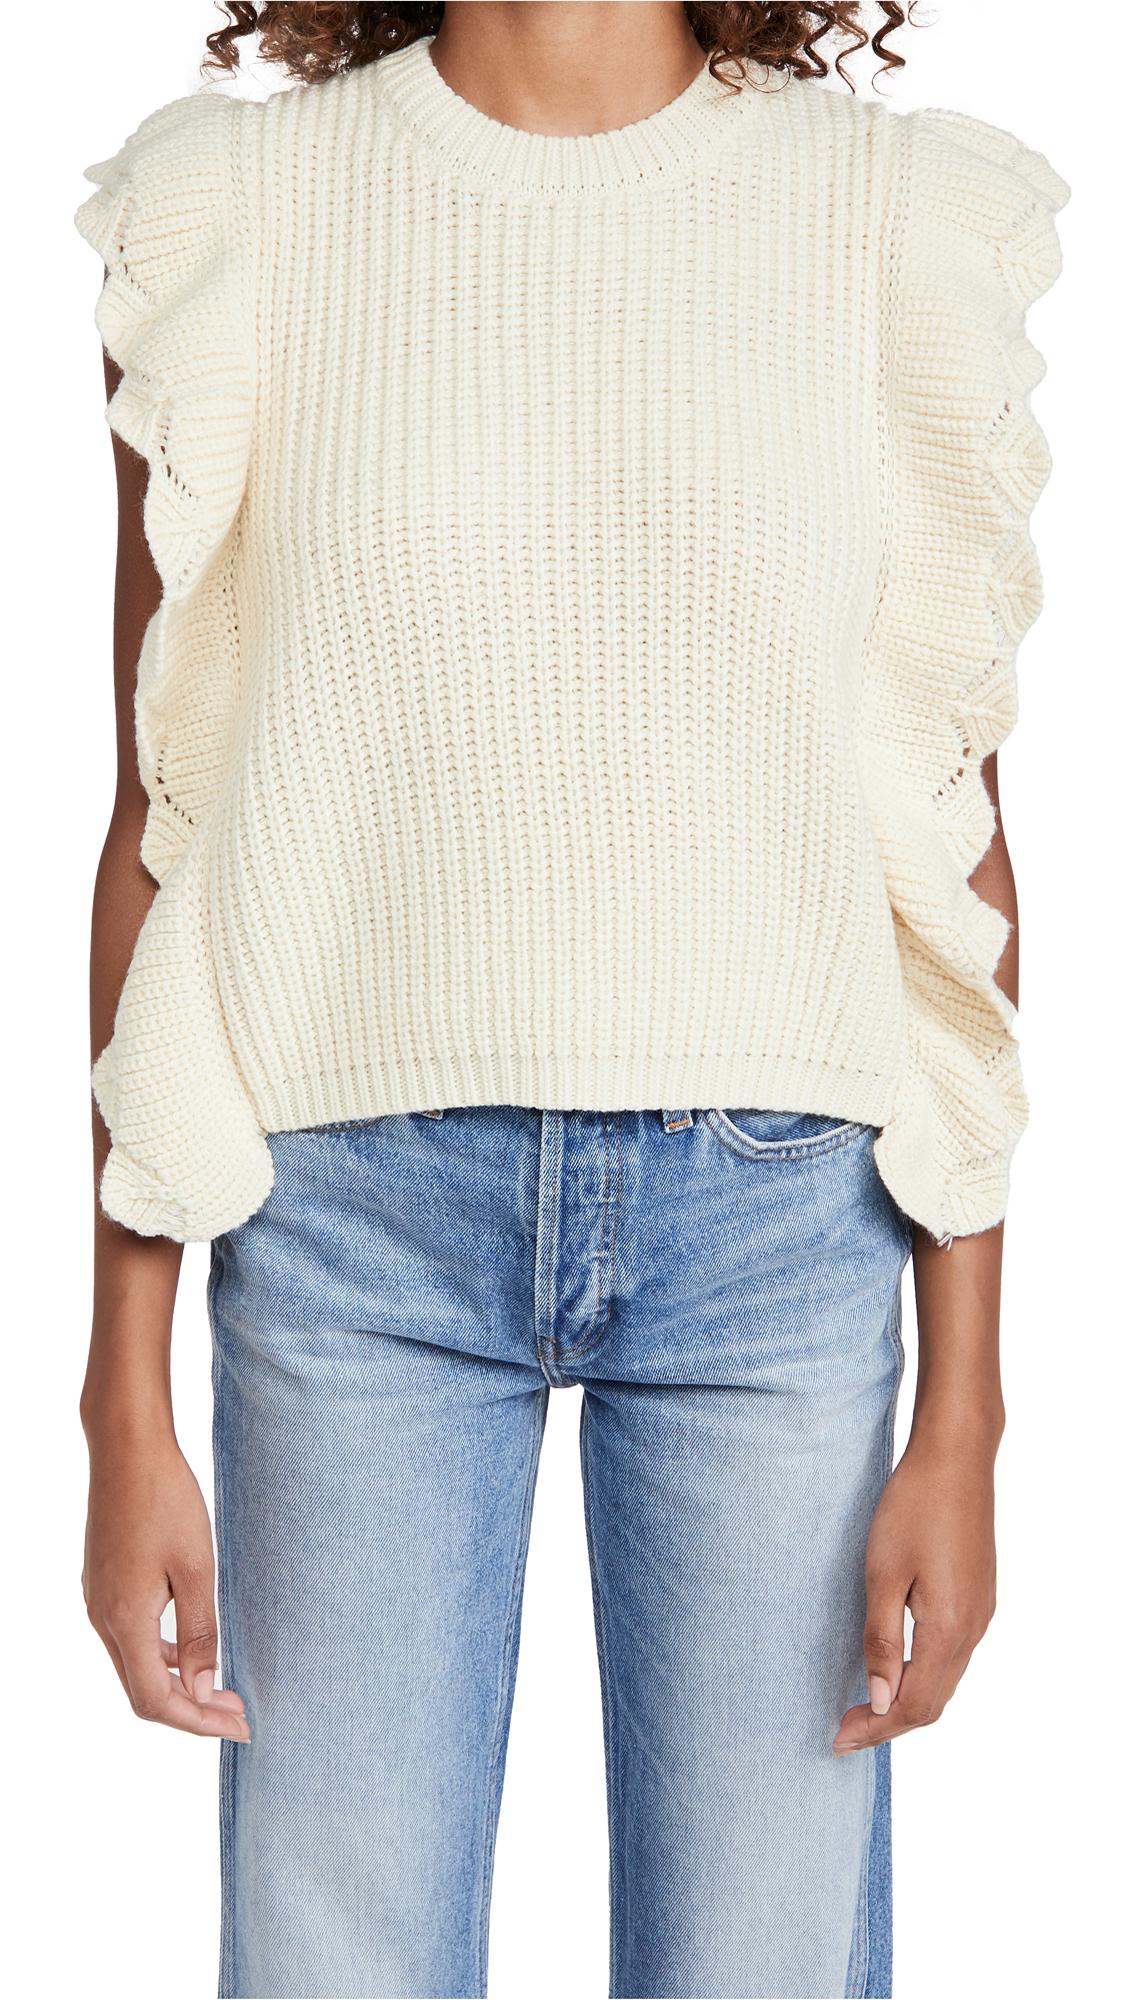 Line & Dot Juliana Sleeveless Scalloped Sweater